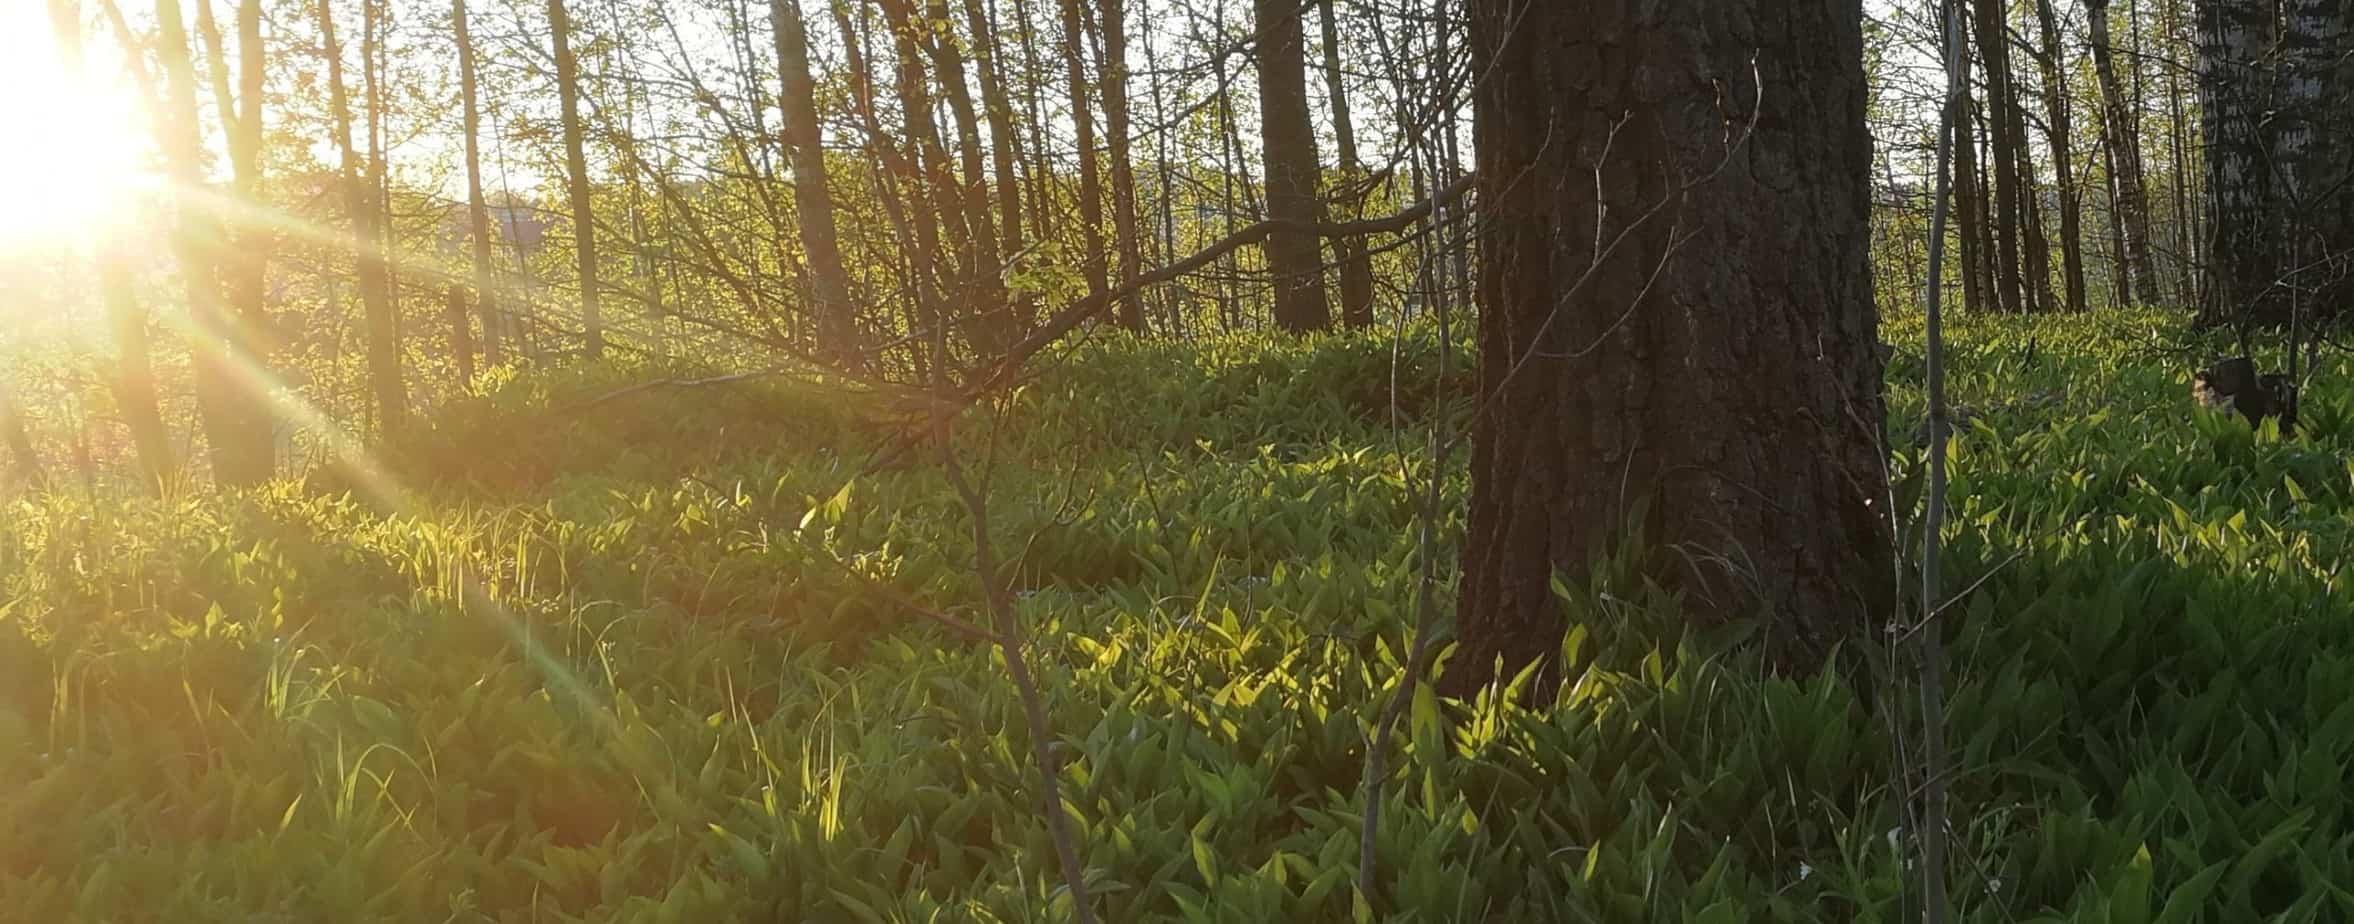 Aurinko paistaa keväiseen metsään